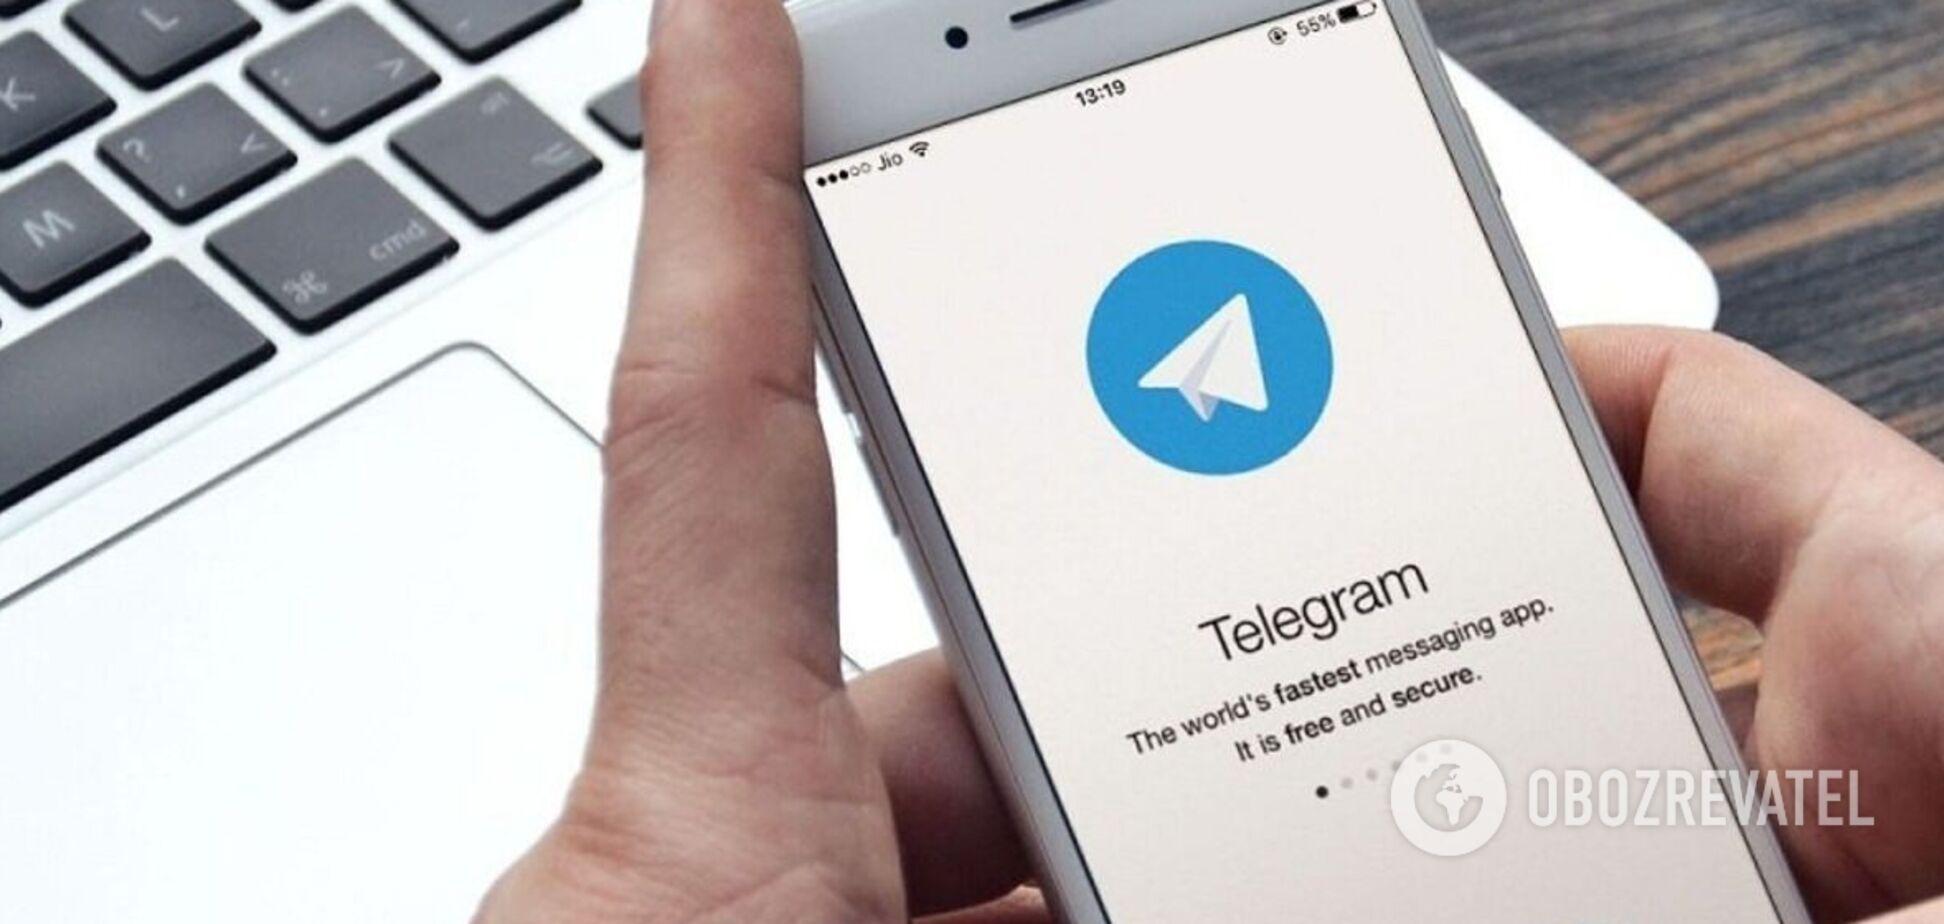 Суд постановив заблокувати в Україні низку відомих телеграм-каналів: список